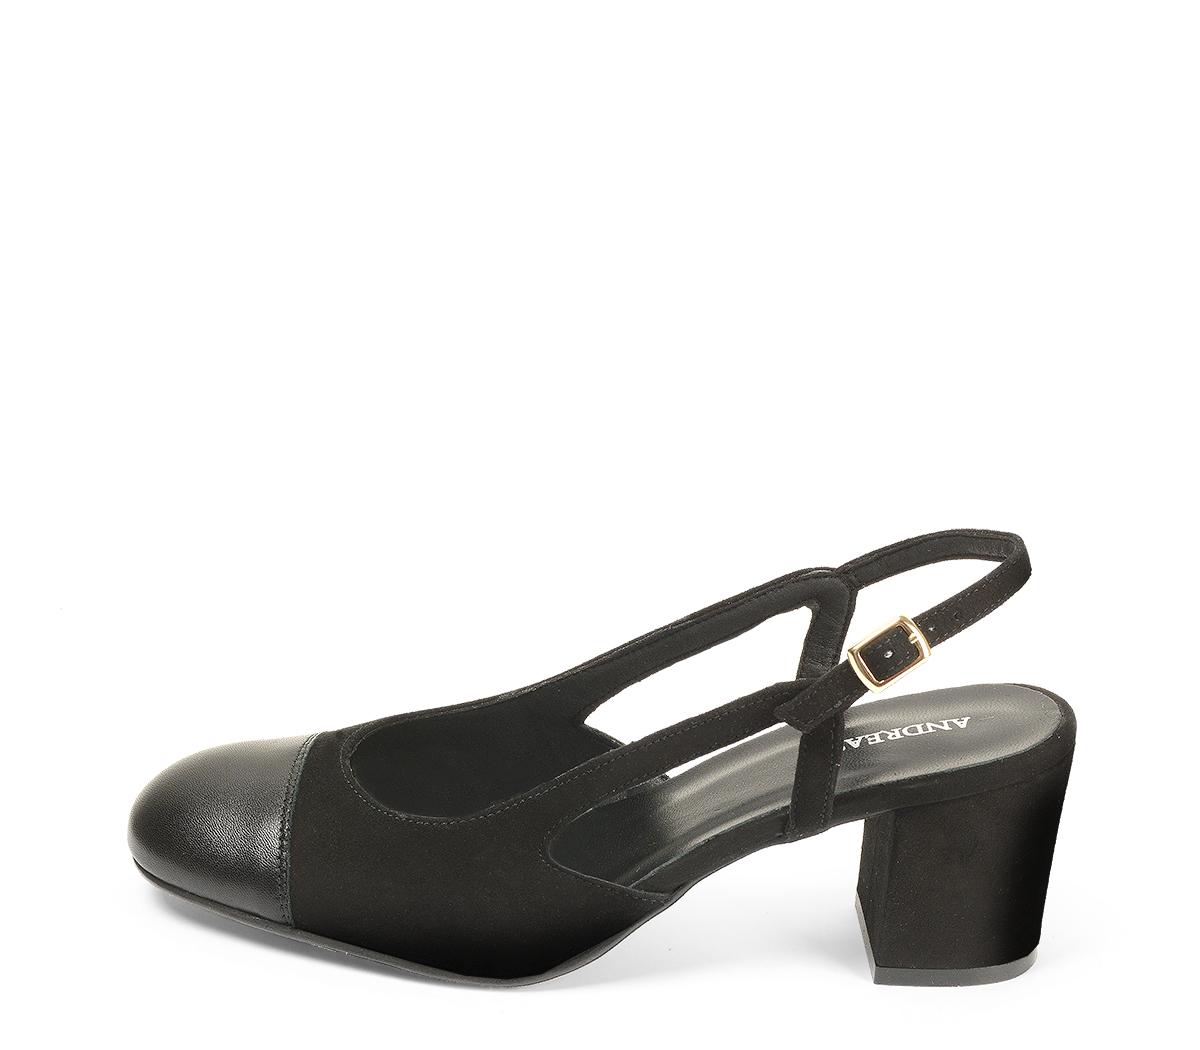 Ref. 4544 Zapato combinado en ante negro y puntera en piel negra. Destalonada con pulsera y hebilla dorada. Altura tacón 6.5 cm y sin plataforma delantera.